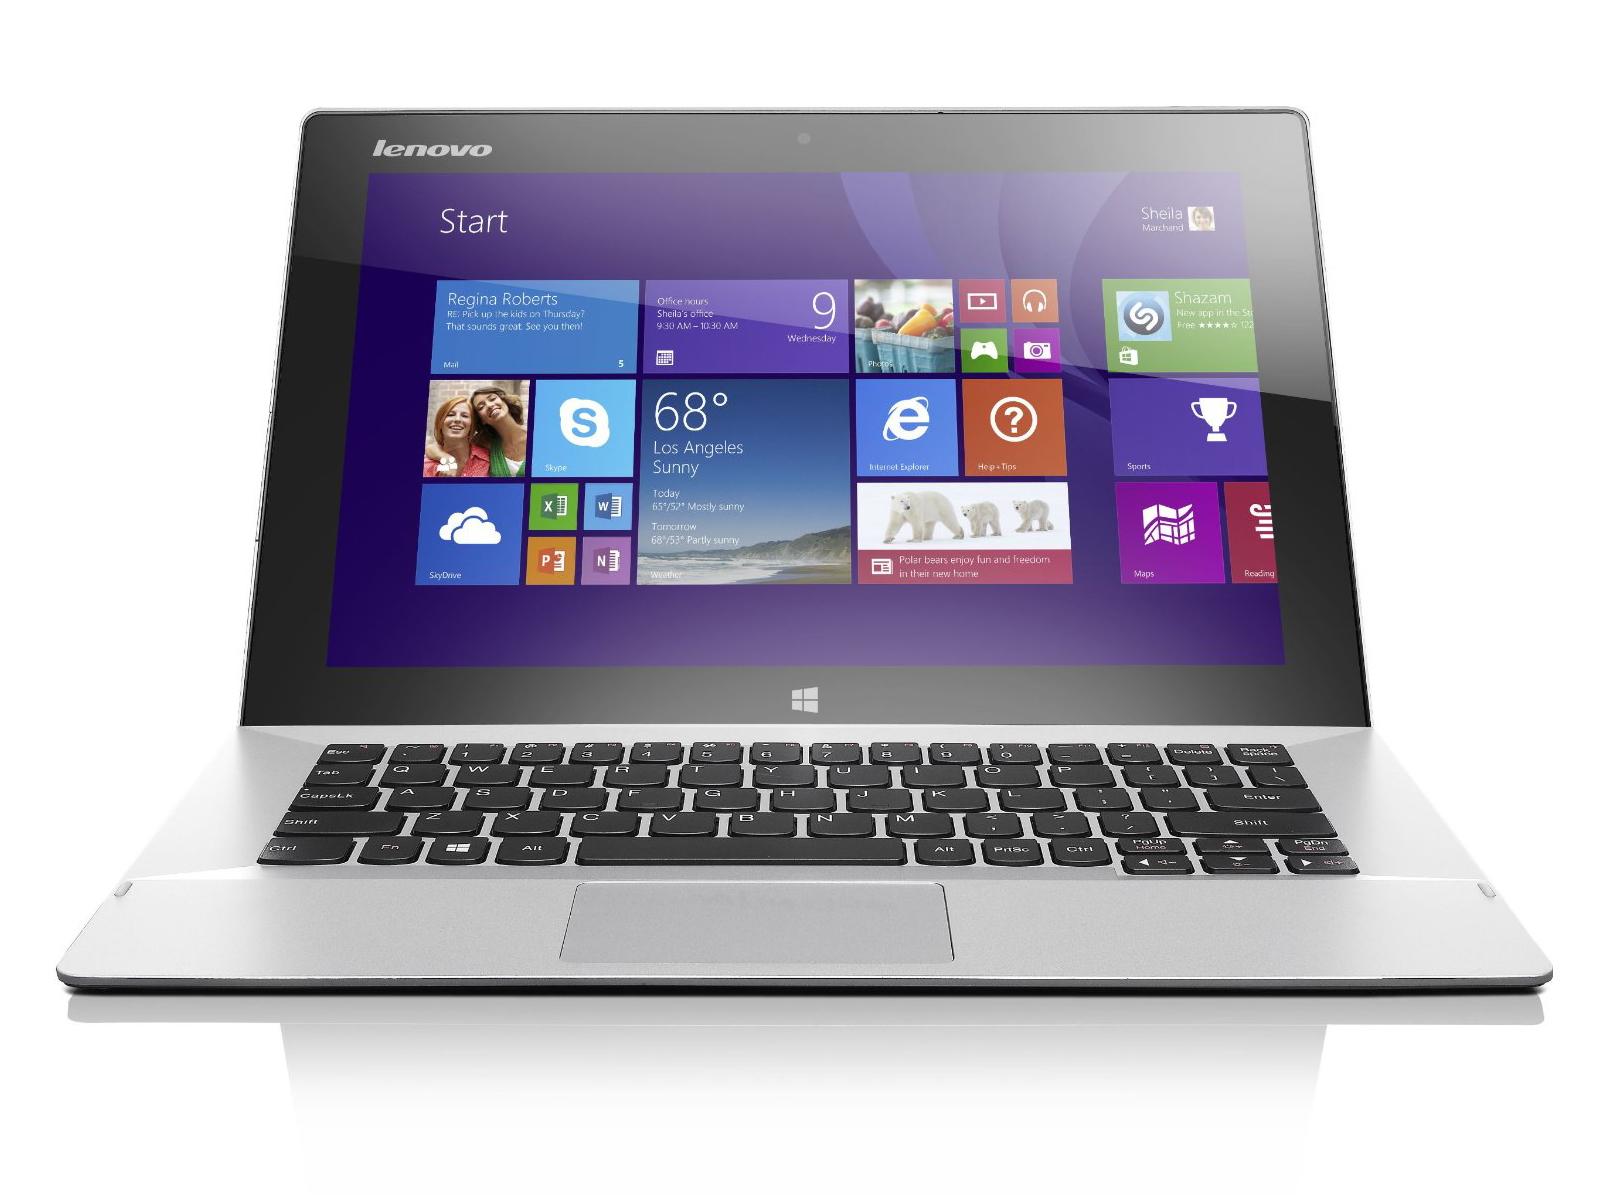 Gallery of Laptop Lenovo Miix 2 11